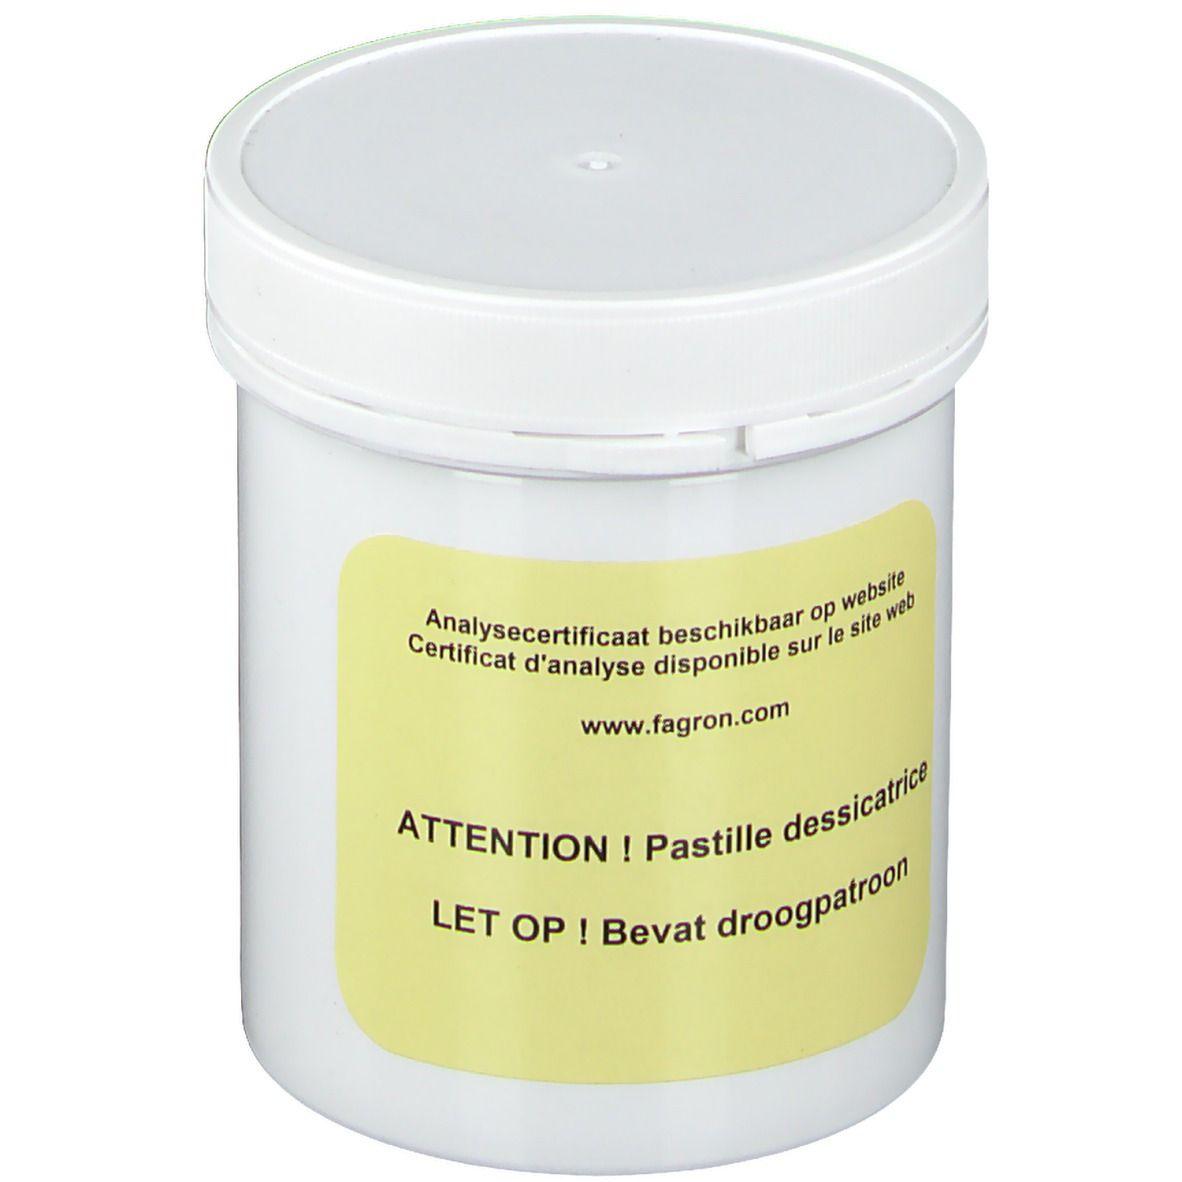 Fagron Pharmaflore Spiruline en poudre g poudre